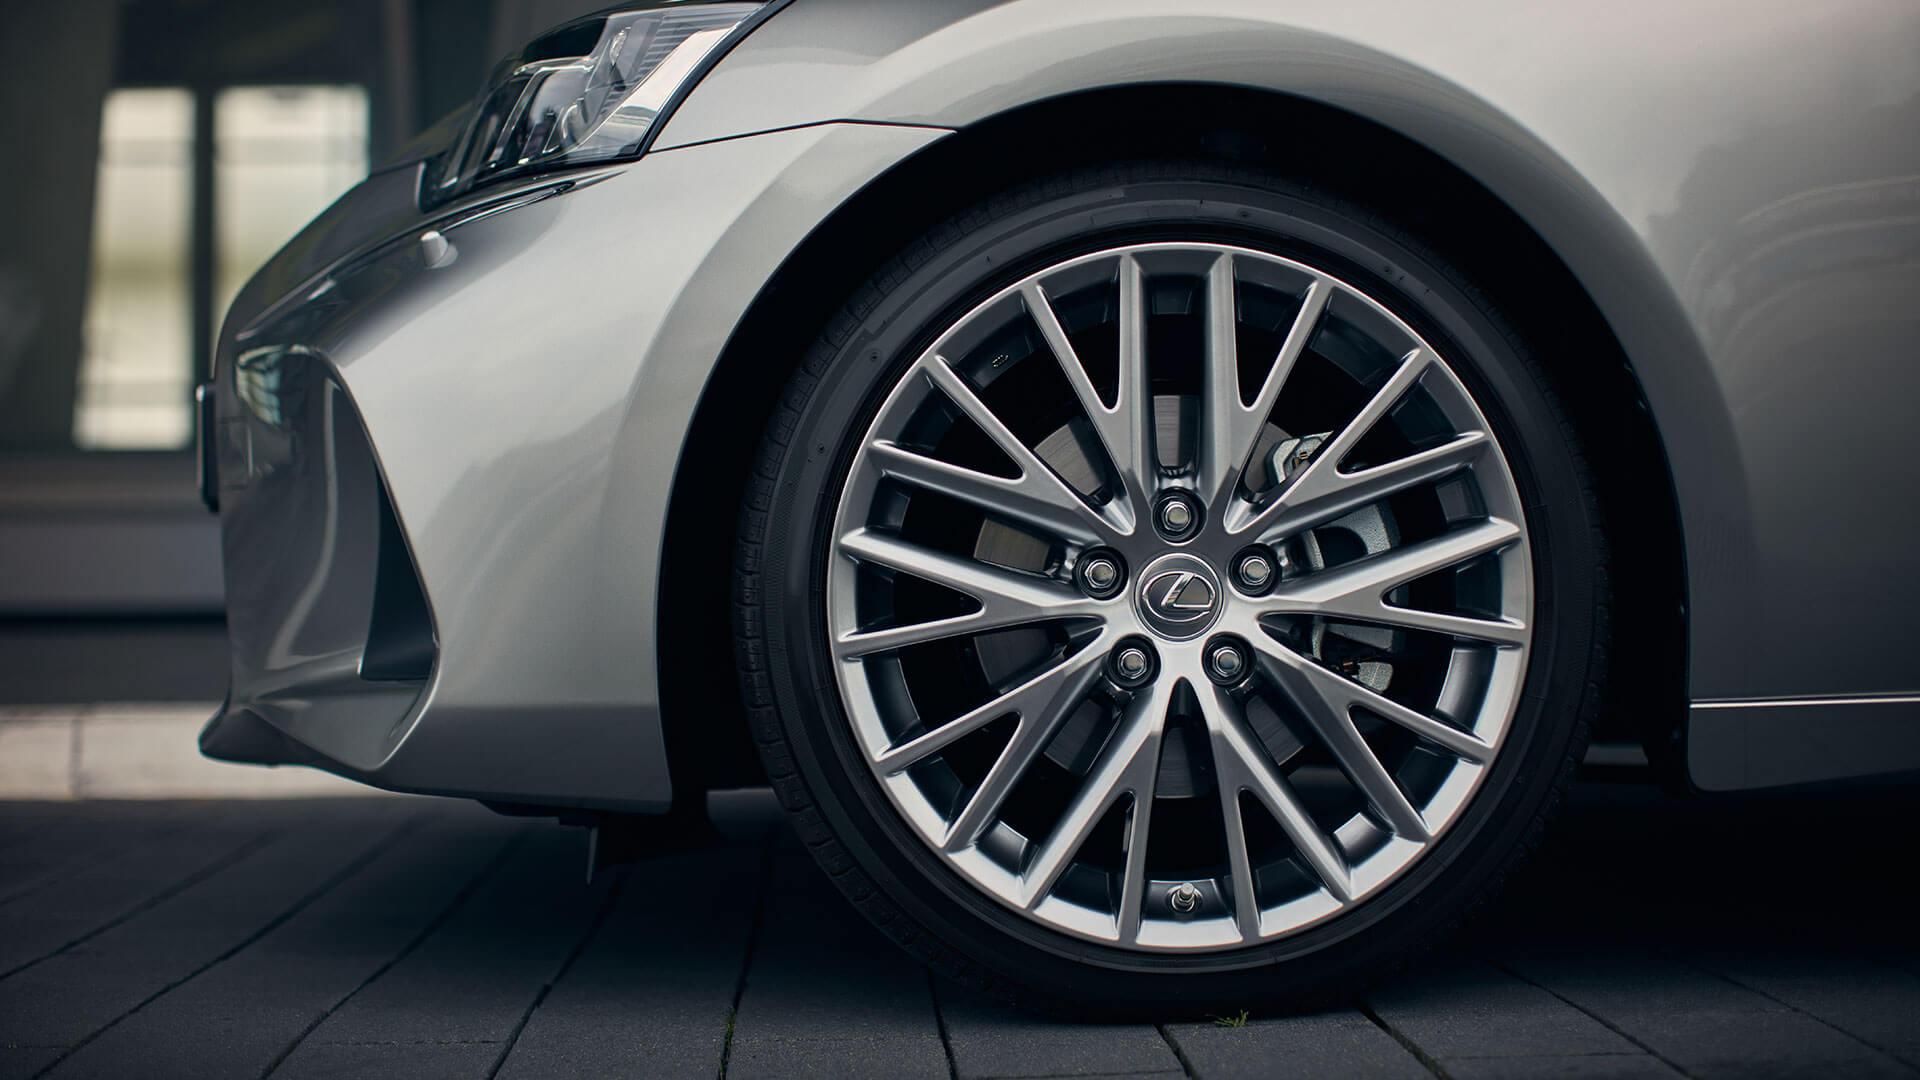 2017 lexus is 300h features alloy wheel